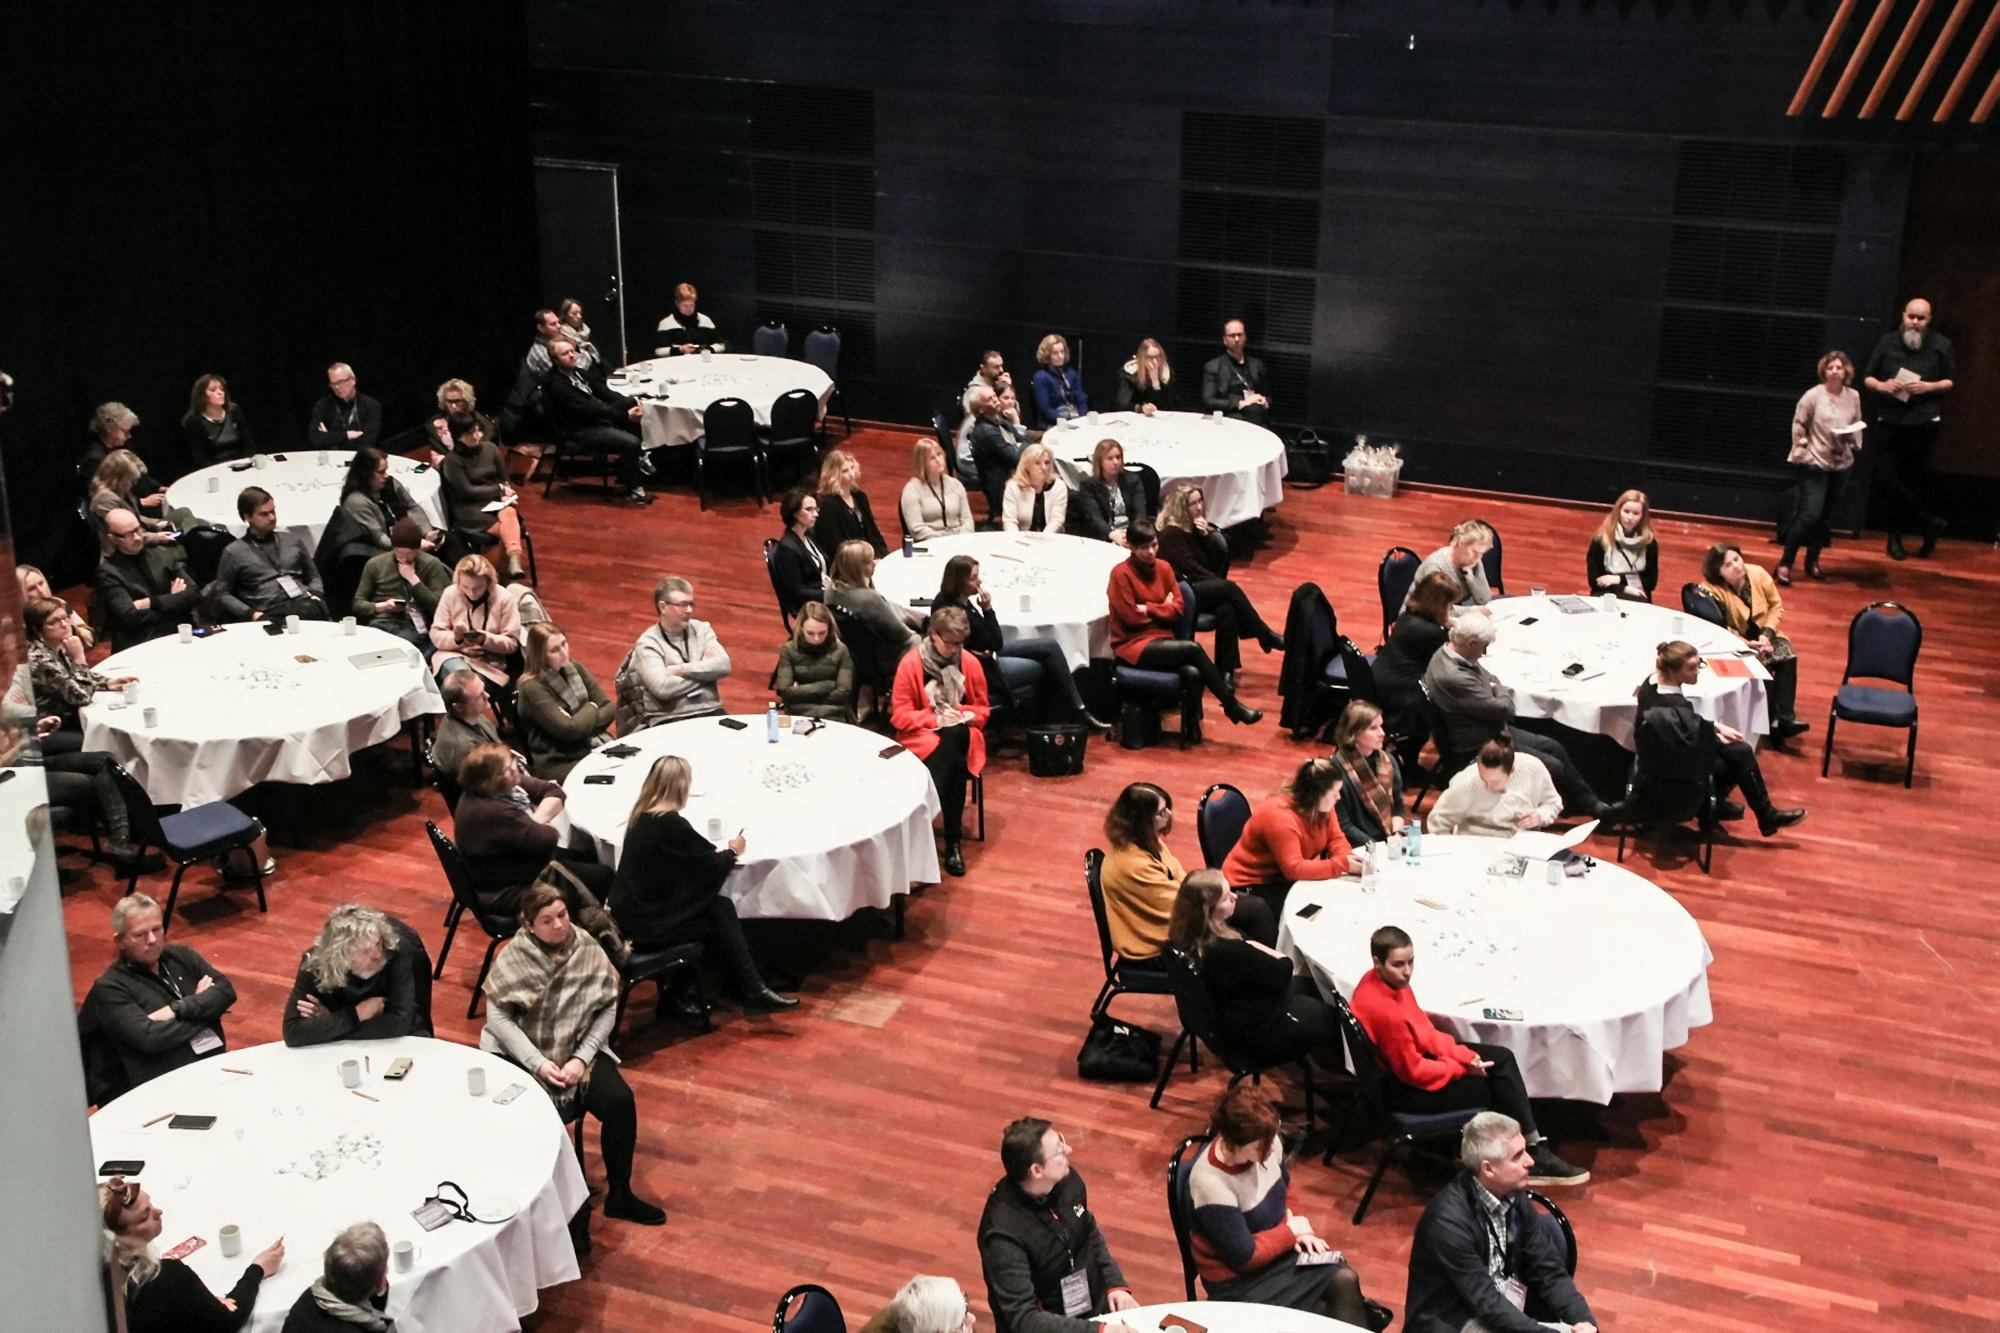 Runde konferansebord for dialog i Bjørnsonsalen på Seilet i Molde